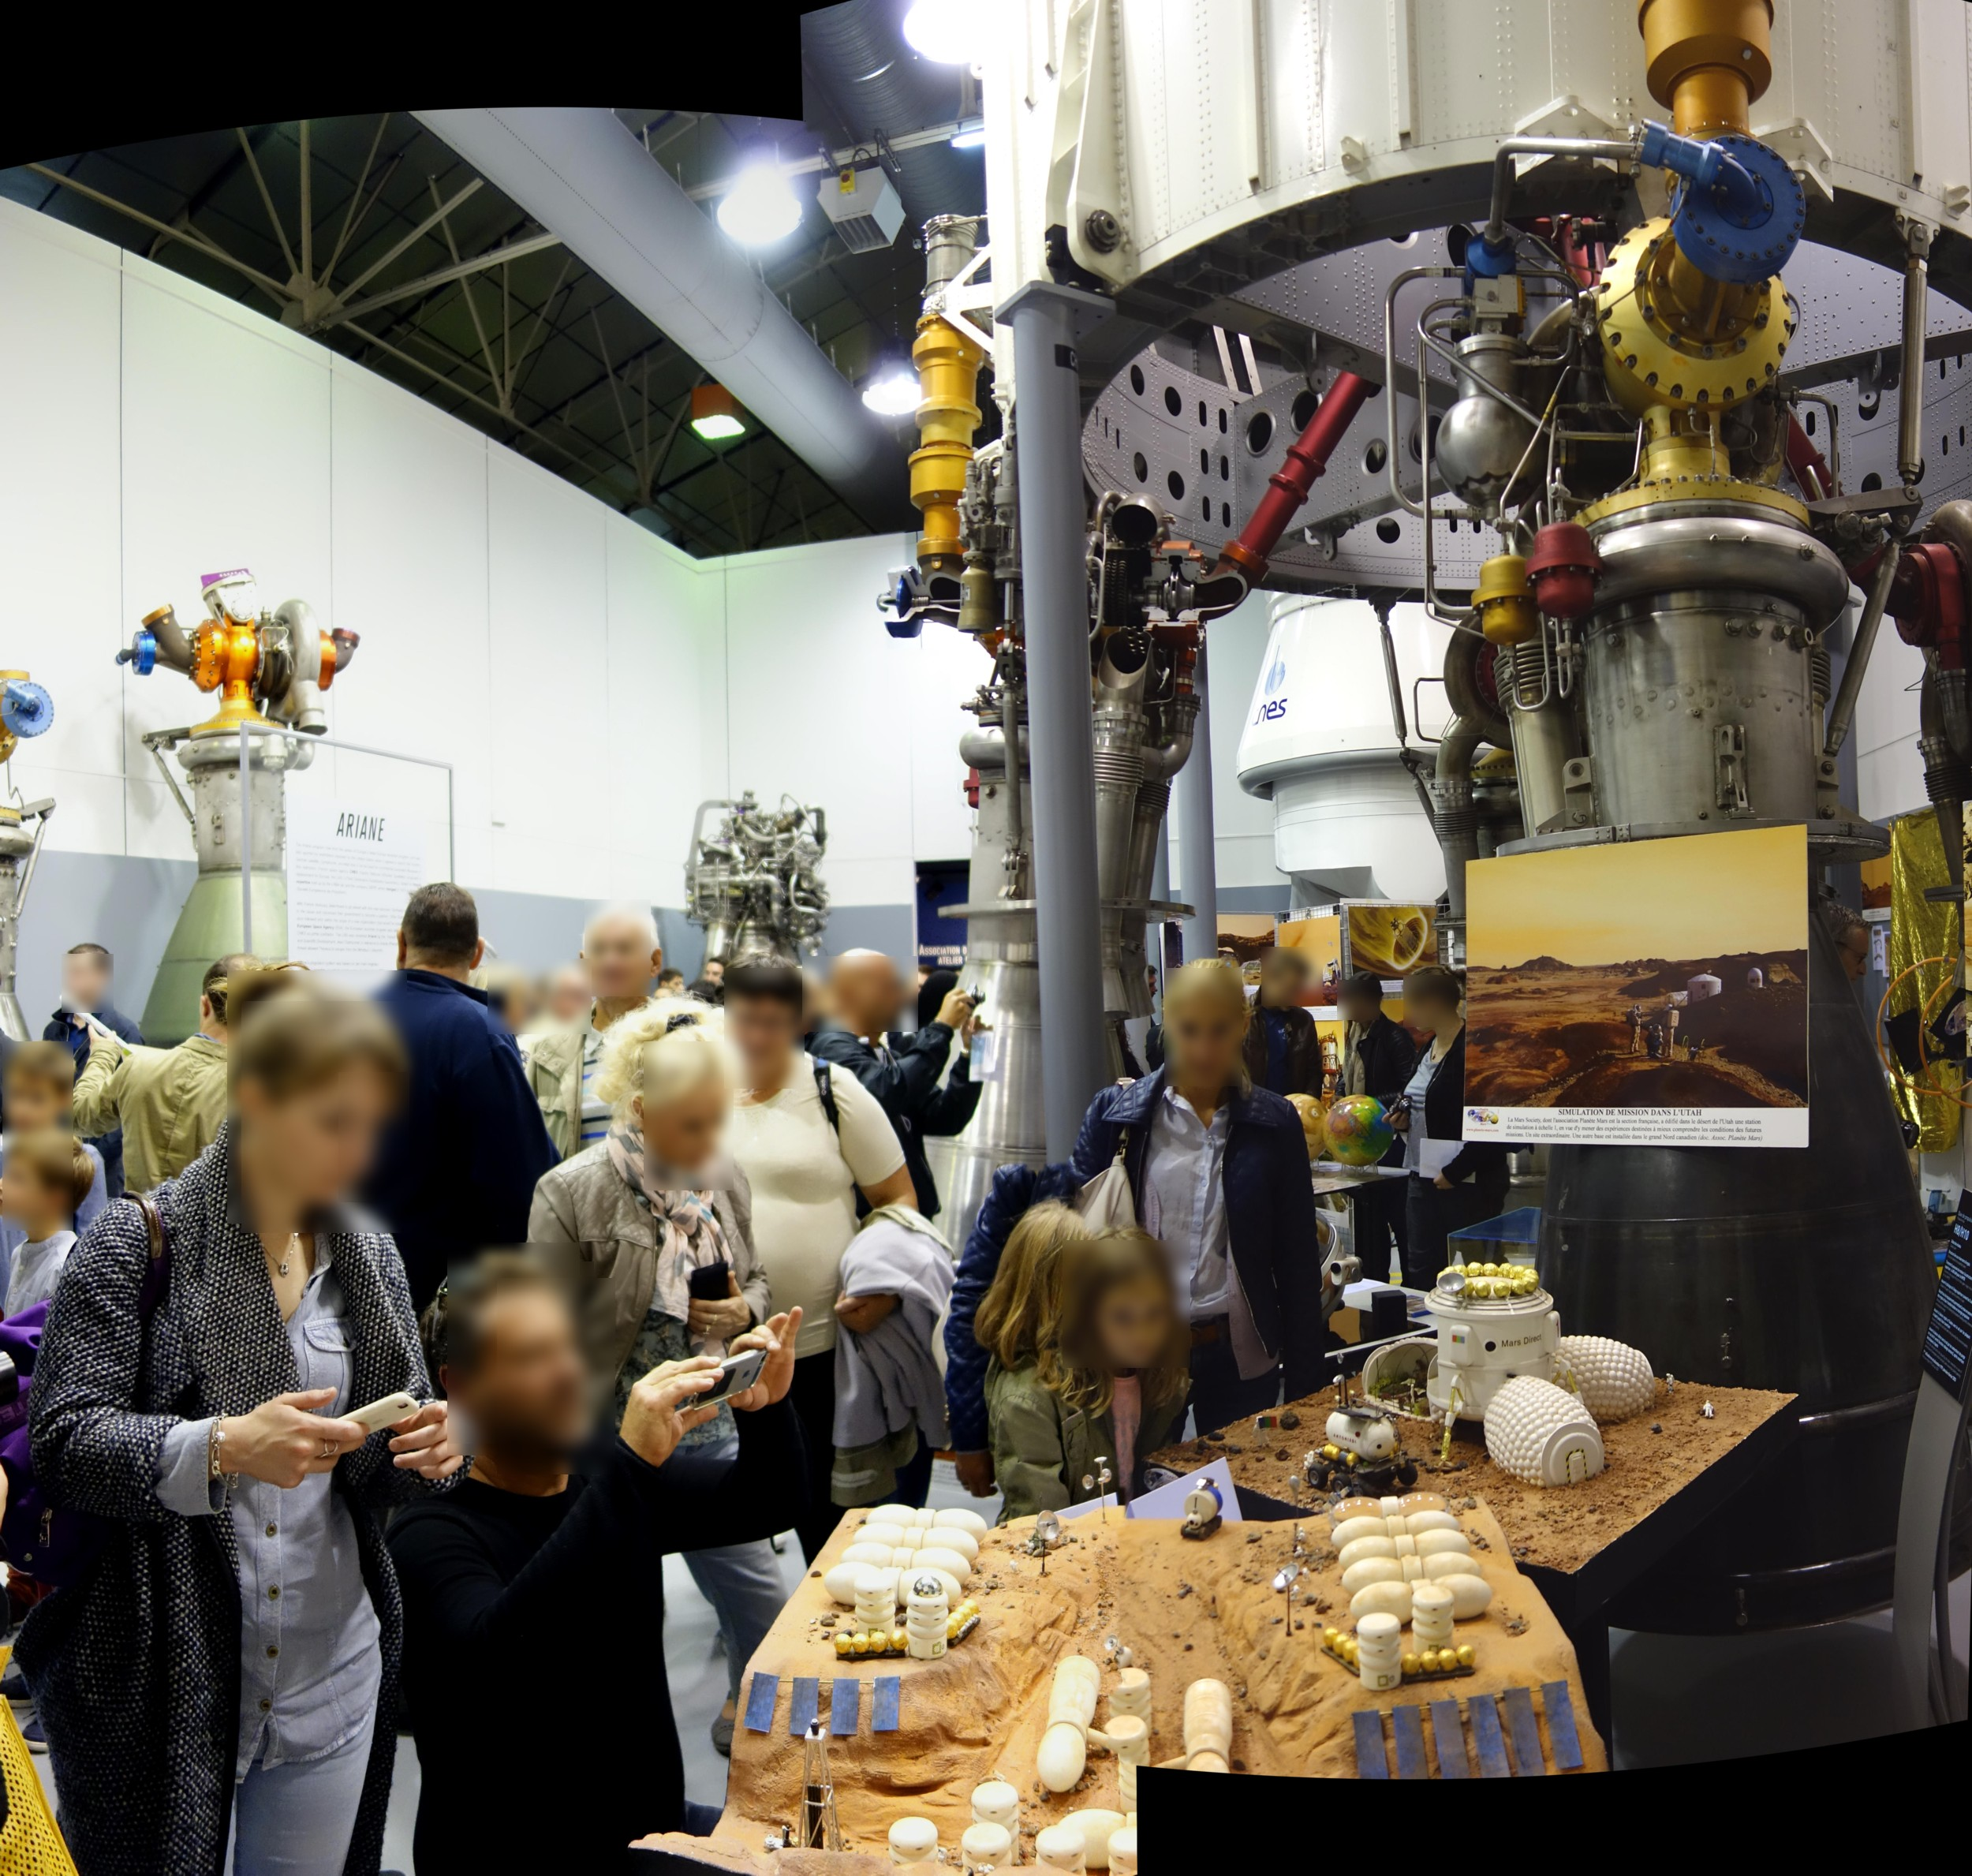 16-09-17-16h-02m-16s-expo-apm-musee-safran-journees-patrimoine_stitch-fl